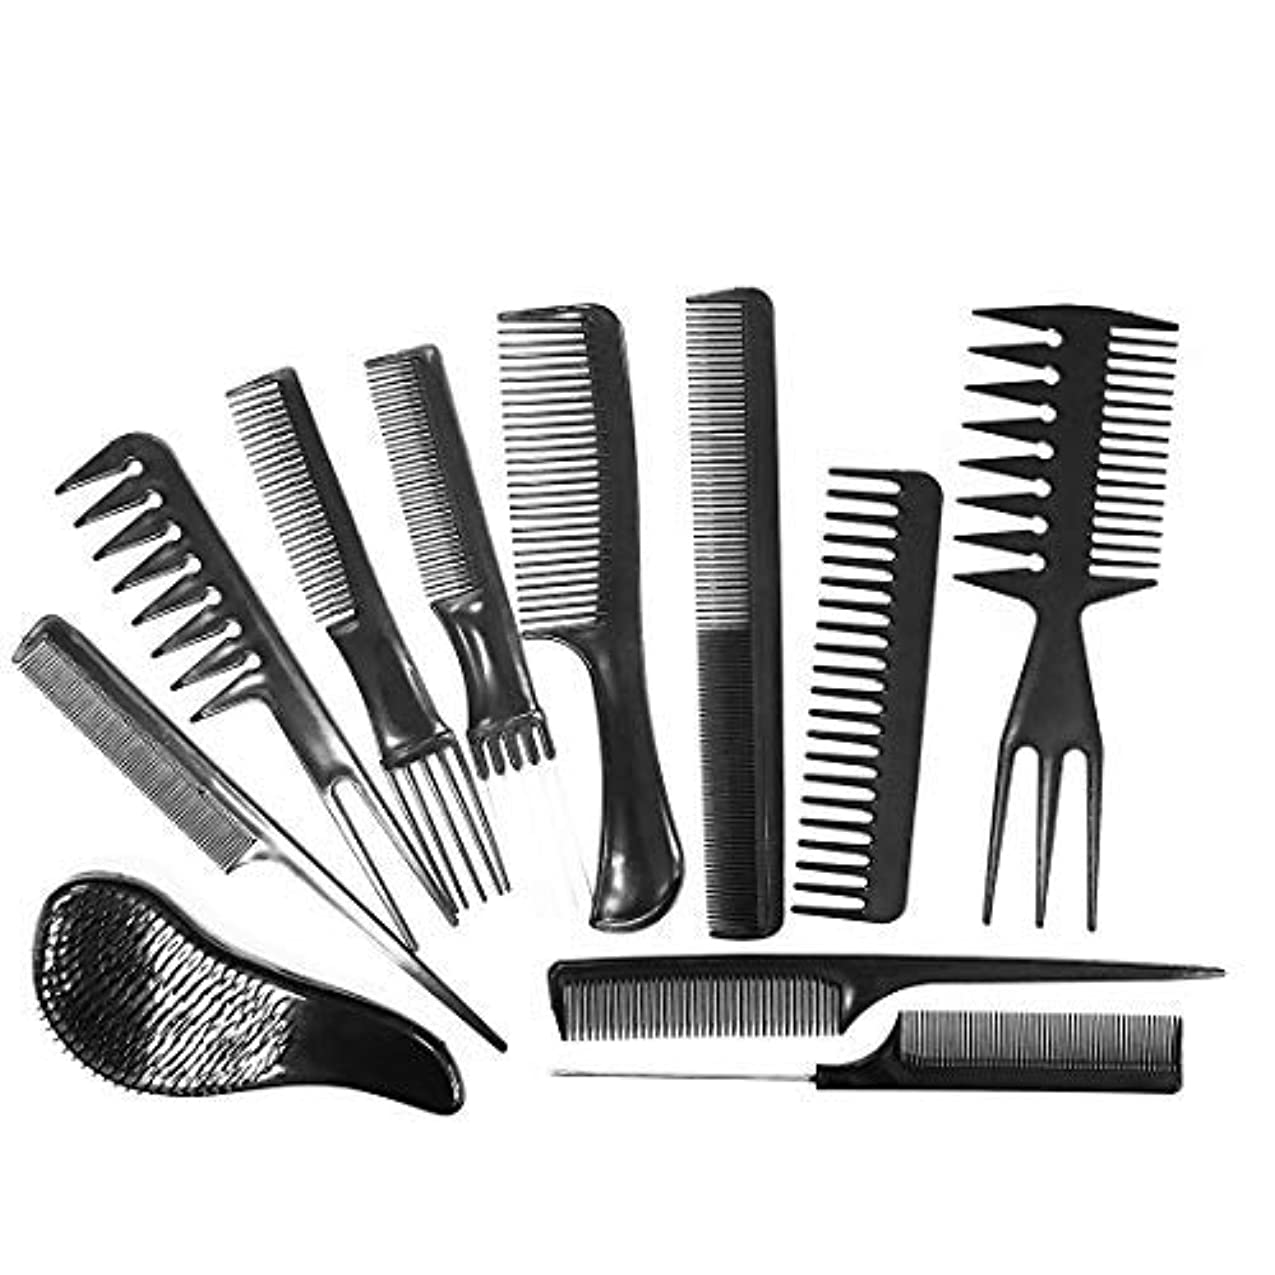 コスチューム報いる必要とするDaimay Professional Hair Styling Comb Set Hair Styling Clips Salon Hair Styling Barbers Comb Set Variety Pack...